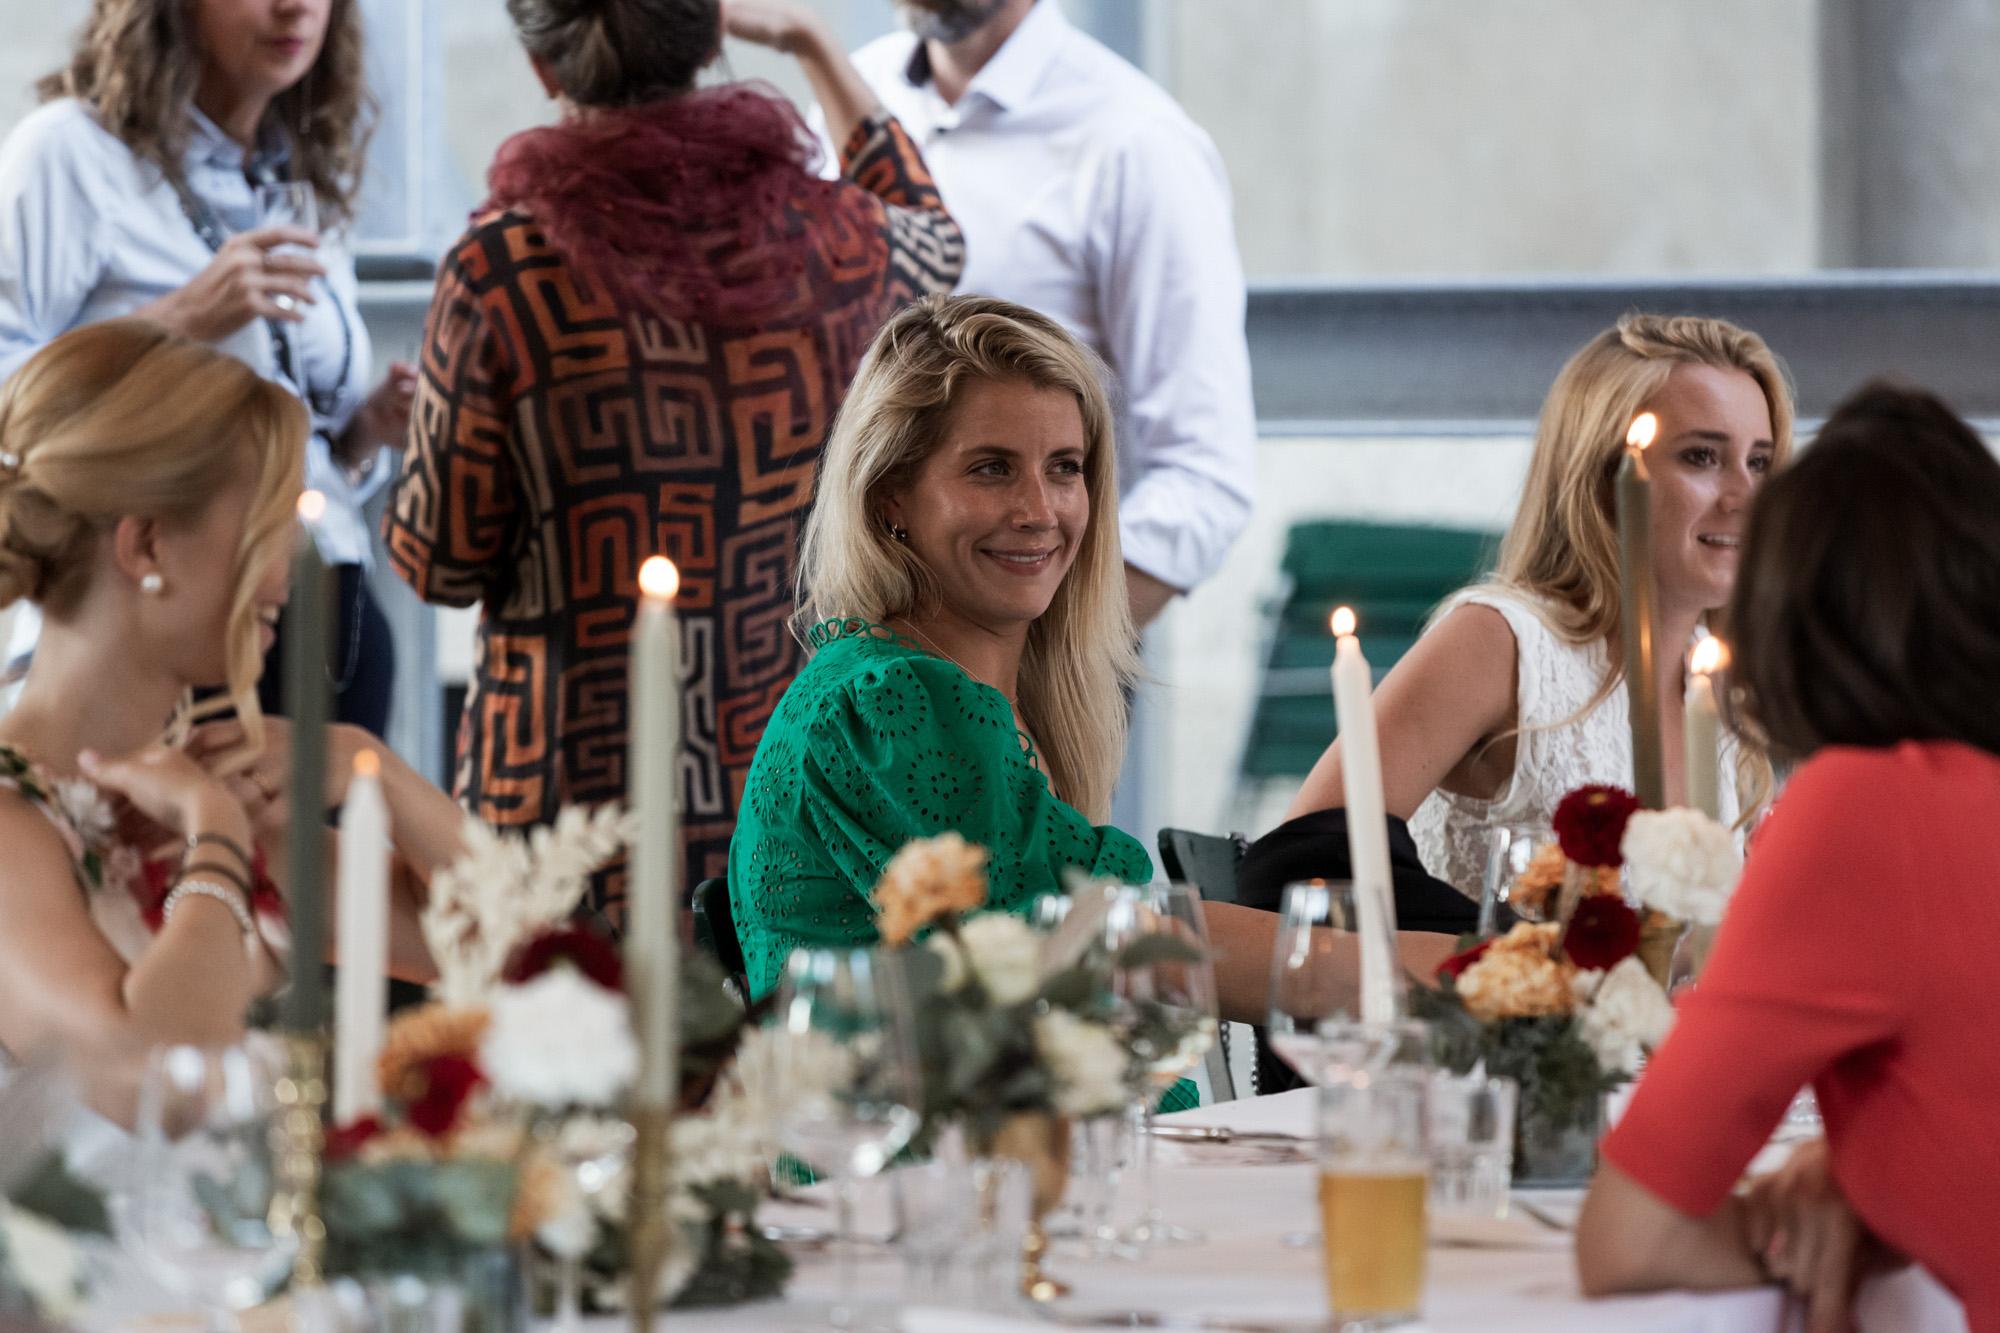 Hochzeit im Turbinenhaus in Basel - Die Hochzeitsgäste beim Fest